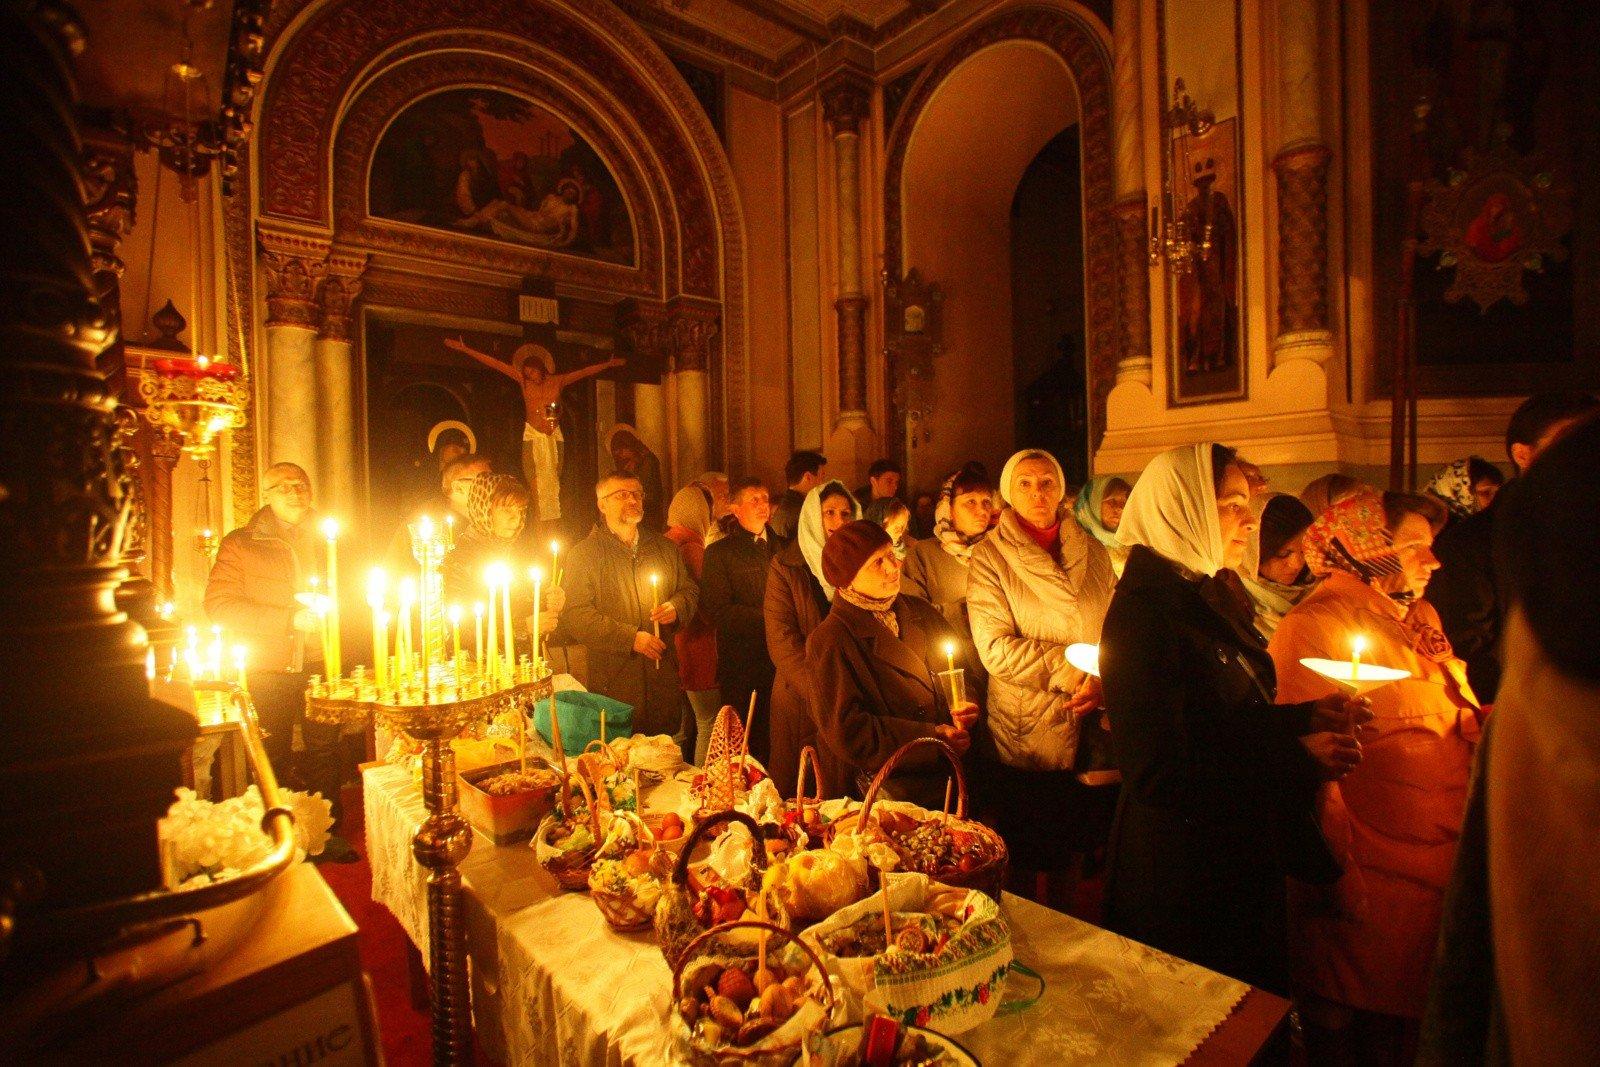 Wielkanoc Prawosławna 2019 Daty Kalendarz Obchody Kiedy Wypada